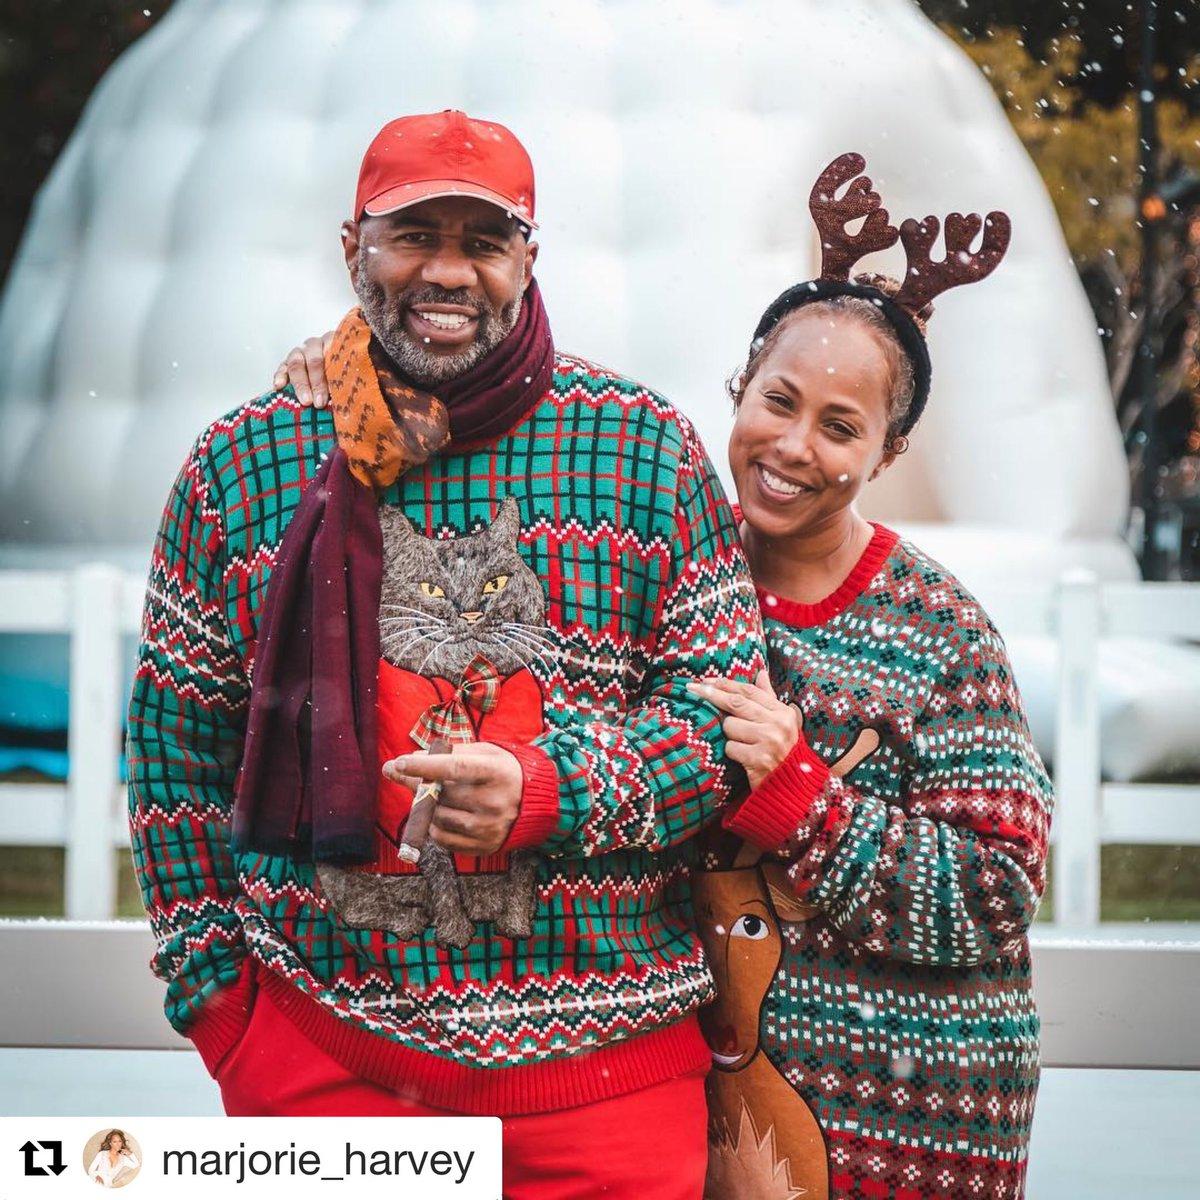 Steve Harvey Christmas Tree.Steve Harvey On Twitter Merry Christmas From Our Family To